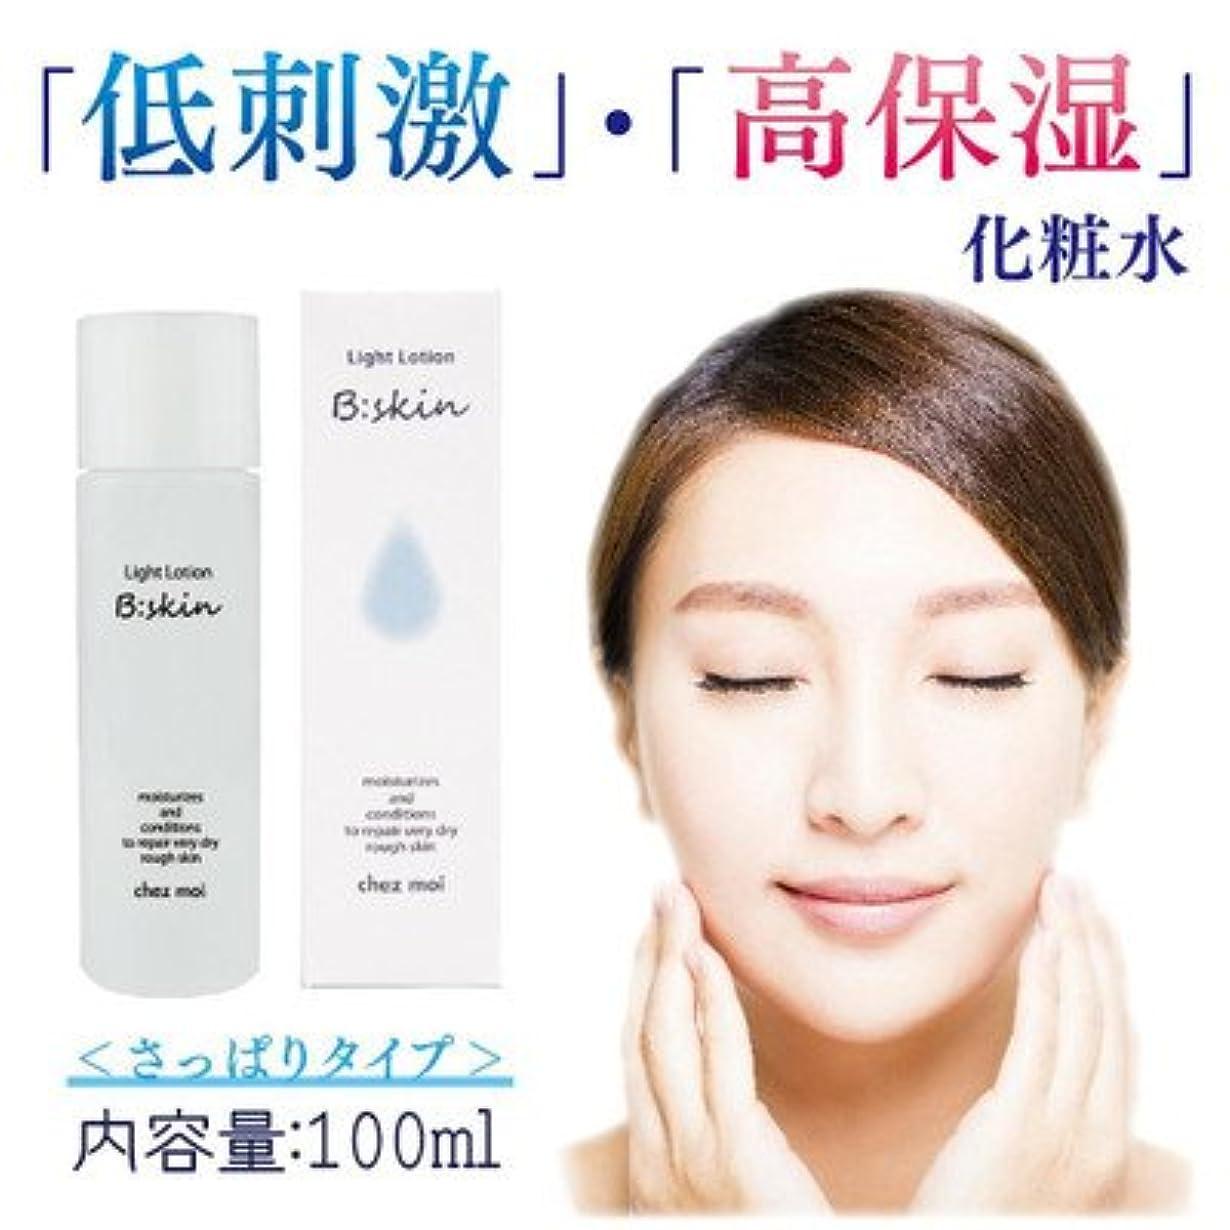 問い合わせる冬消費者低刺激 高保湿 さっぱりタイプの化粧水 B:skin ビースキン Light Lotion ライトローション さっぱりタイプ 化粧水 100mL